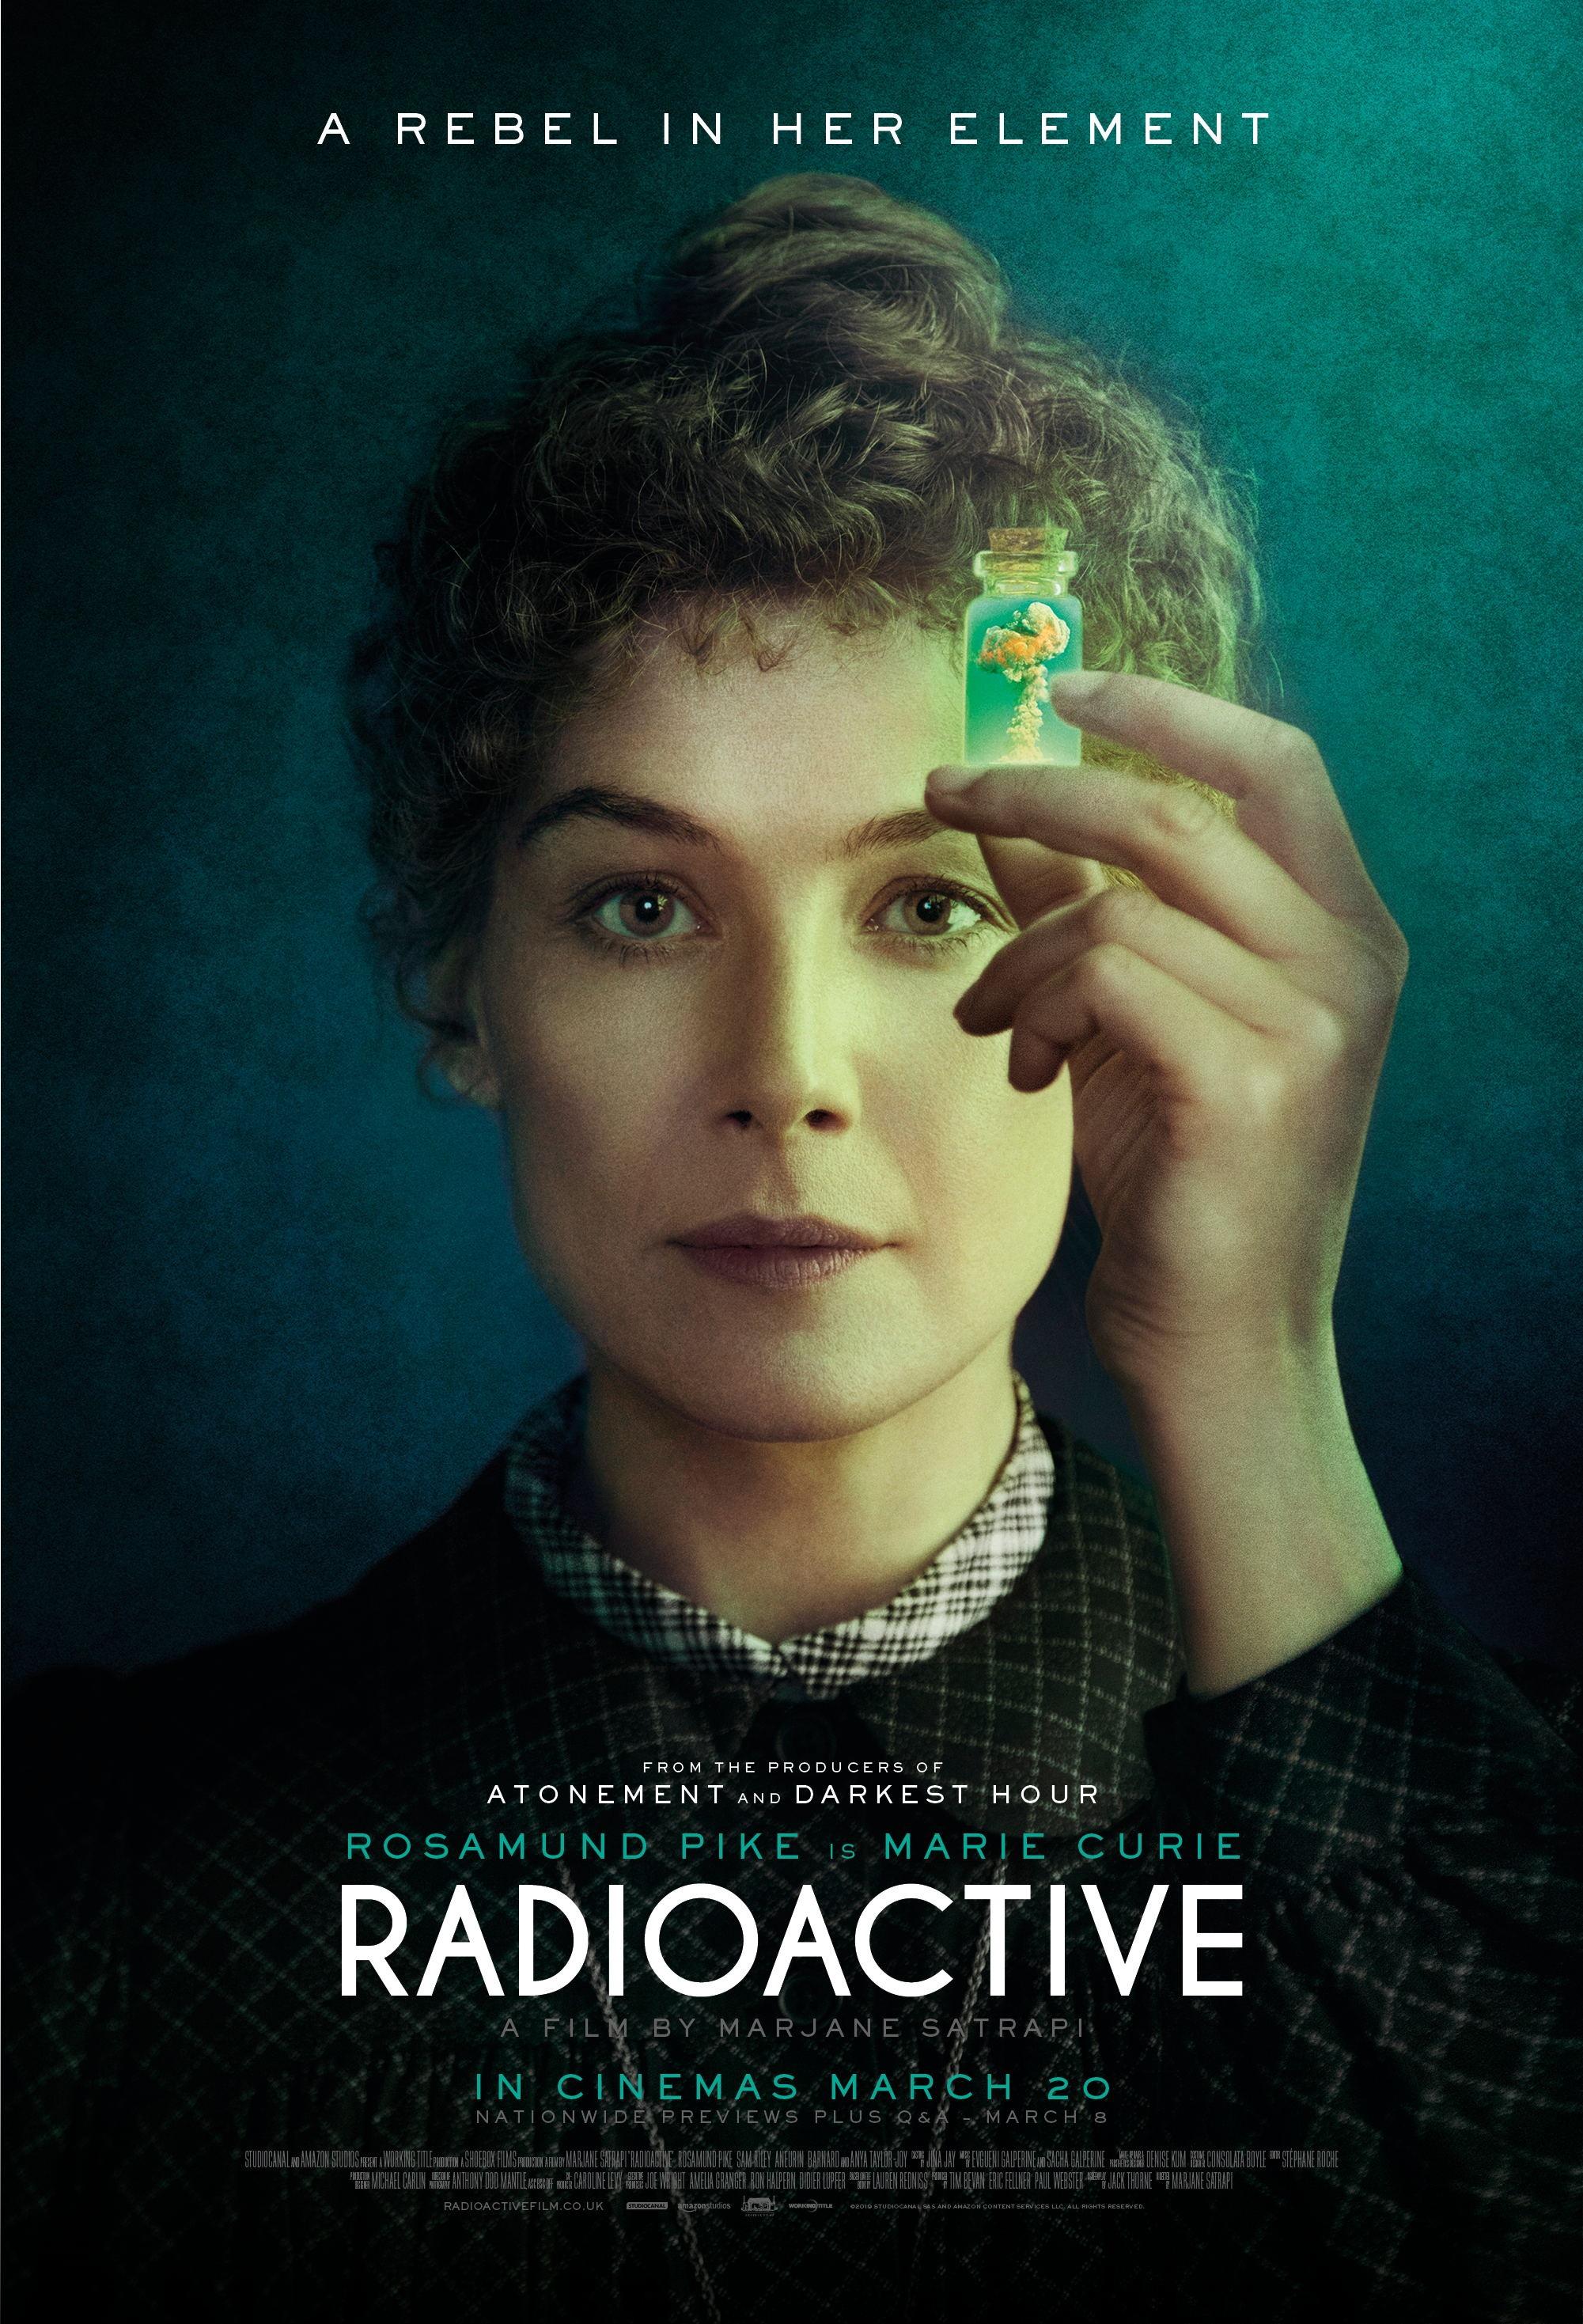 居里夫人传记电影《放射性物质》发布正式预告 裴淳华主演